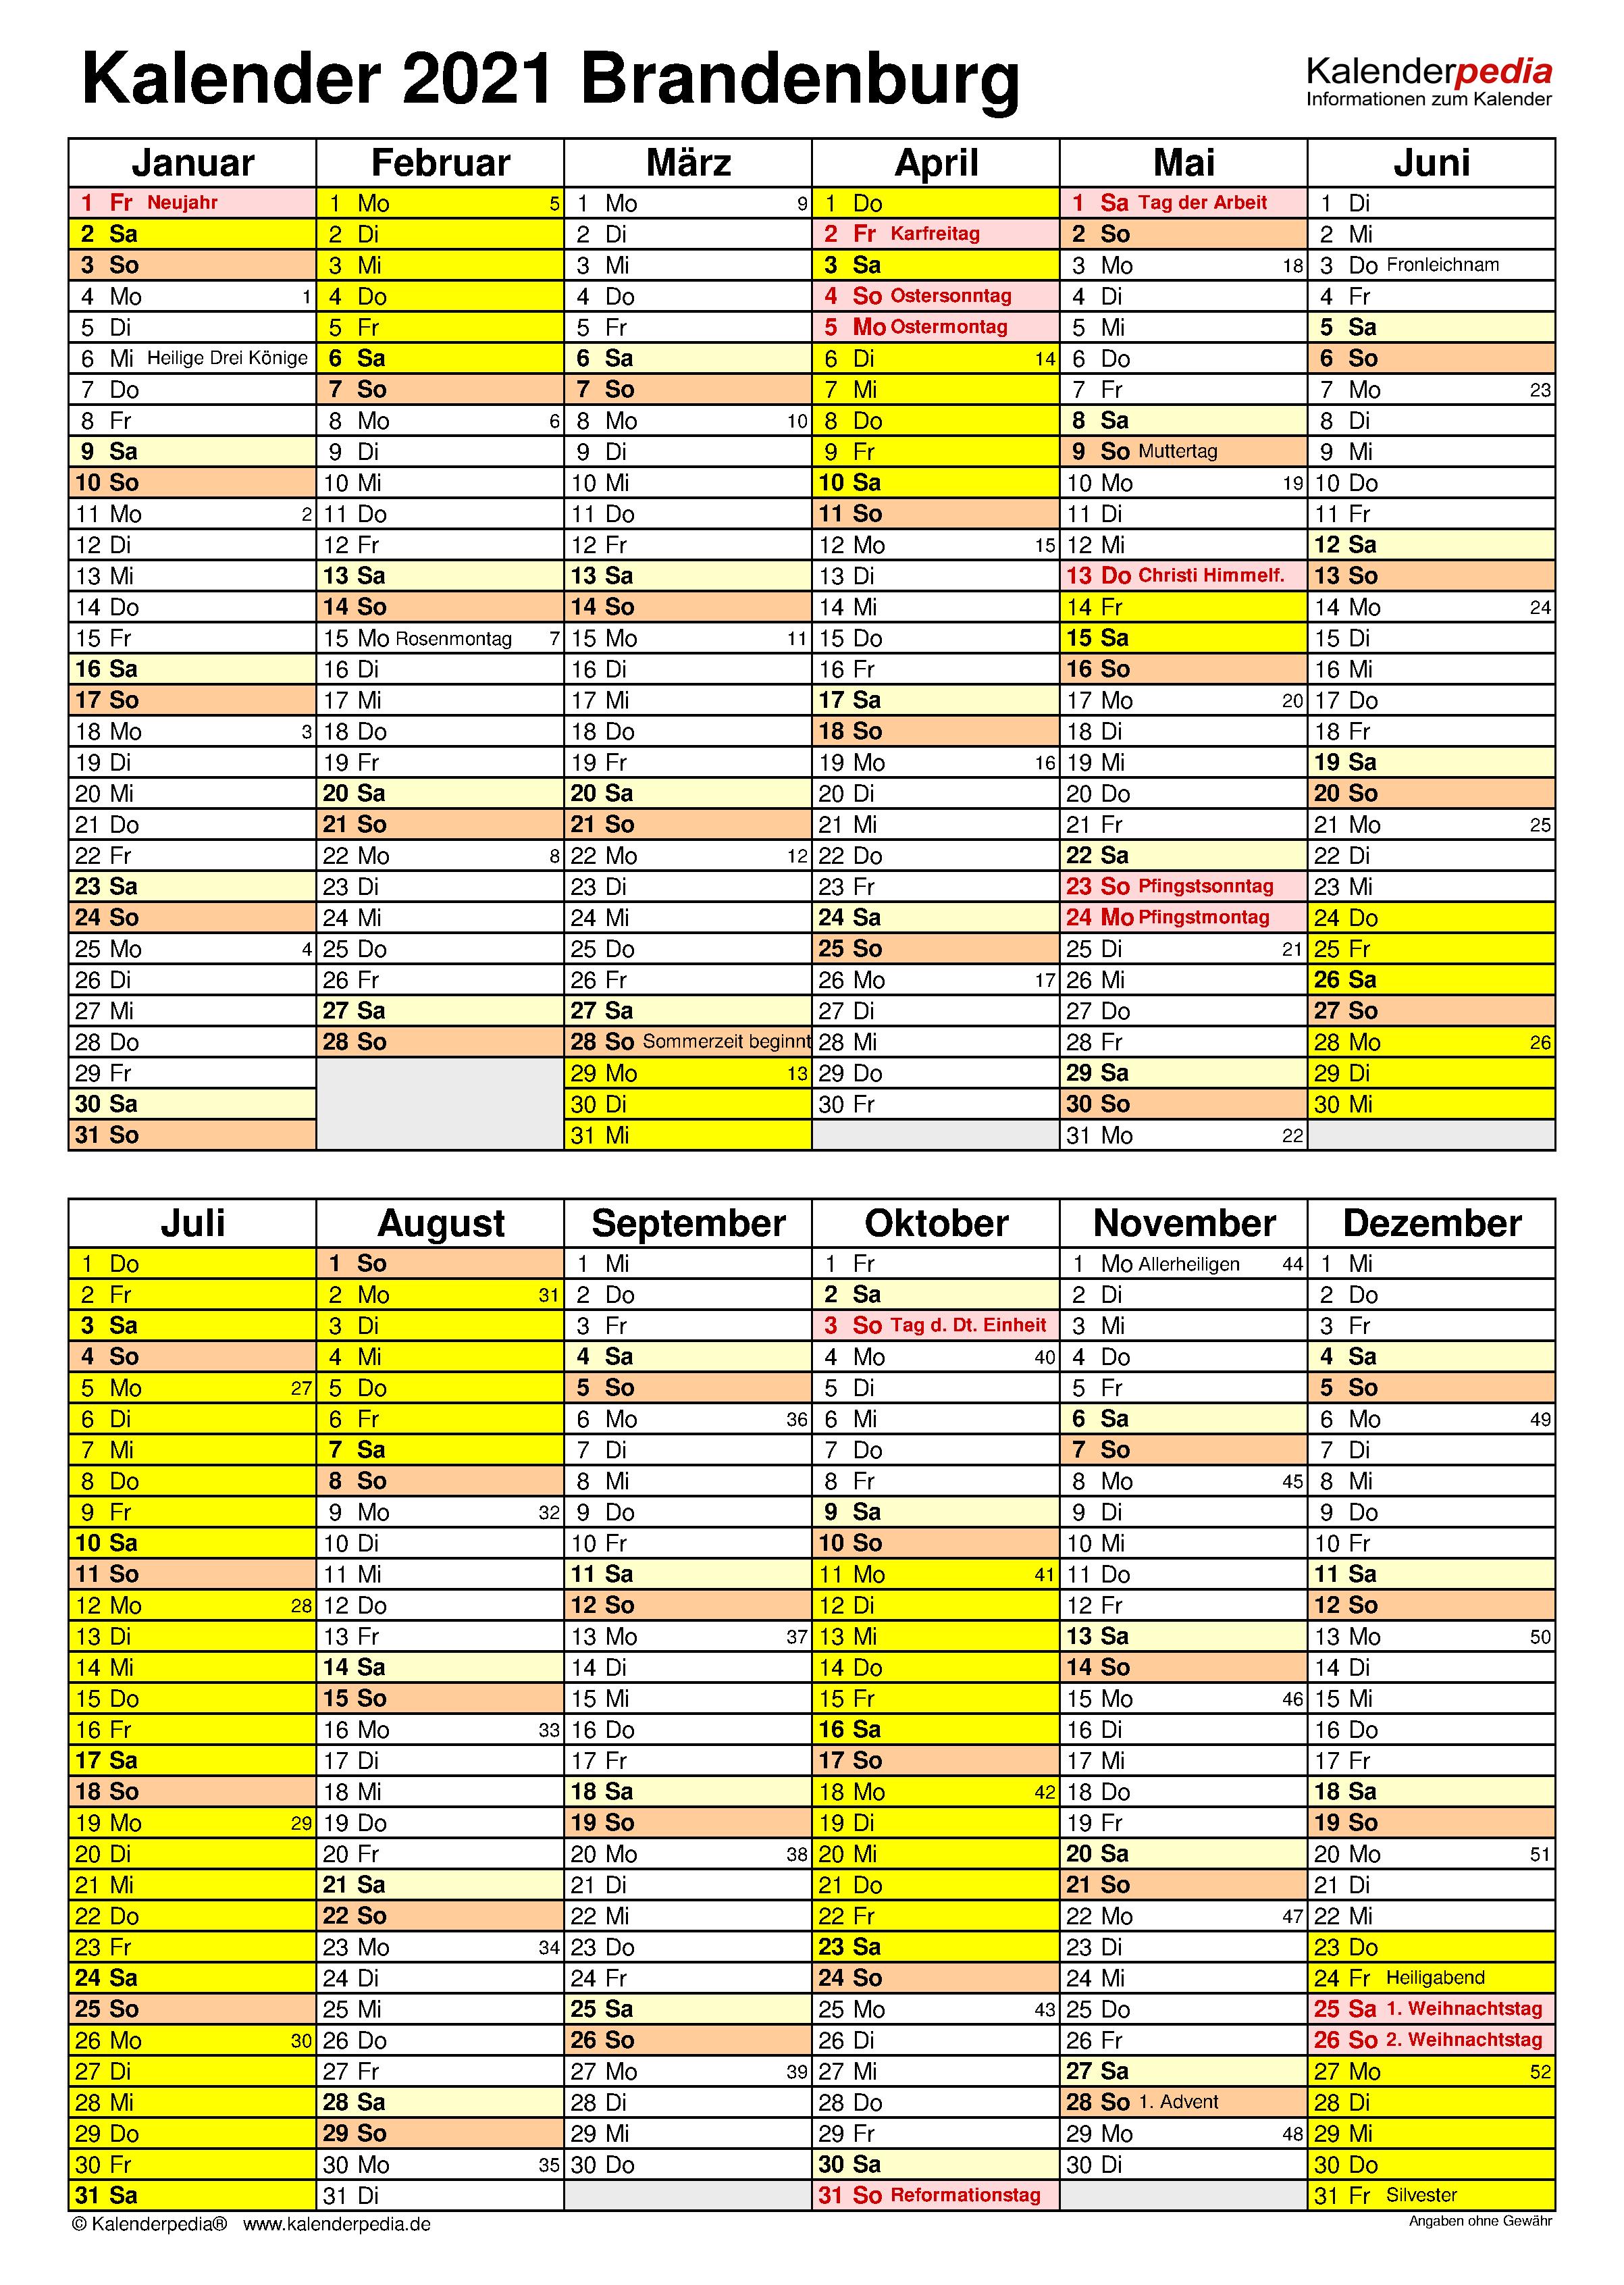 Kalender 2021 Brandenburg: Ferien, Feiertage, Word-Vorlagen